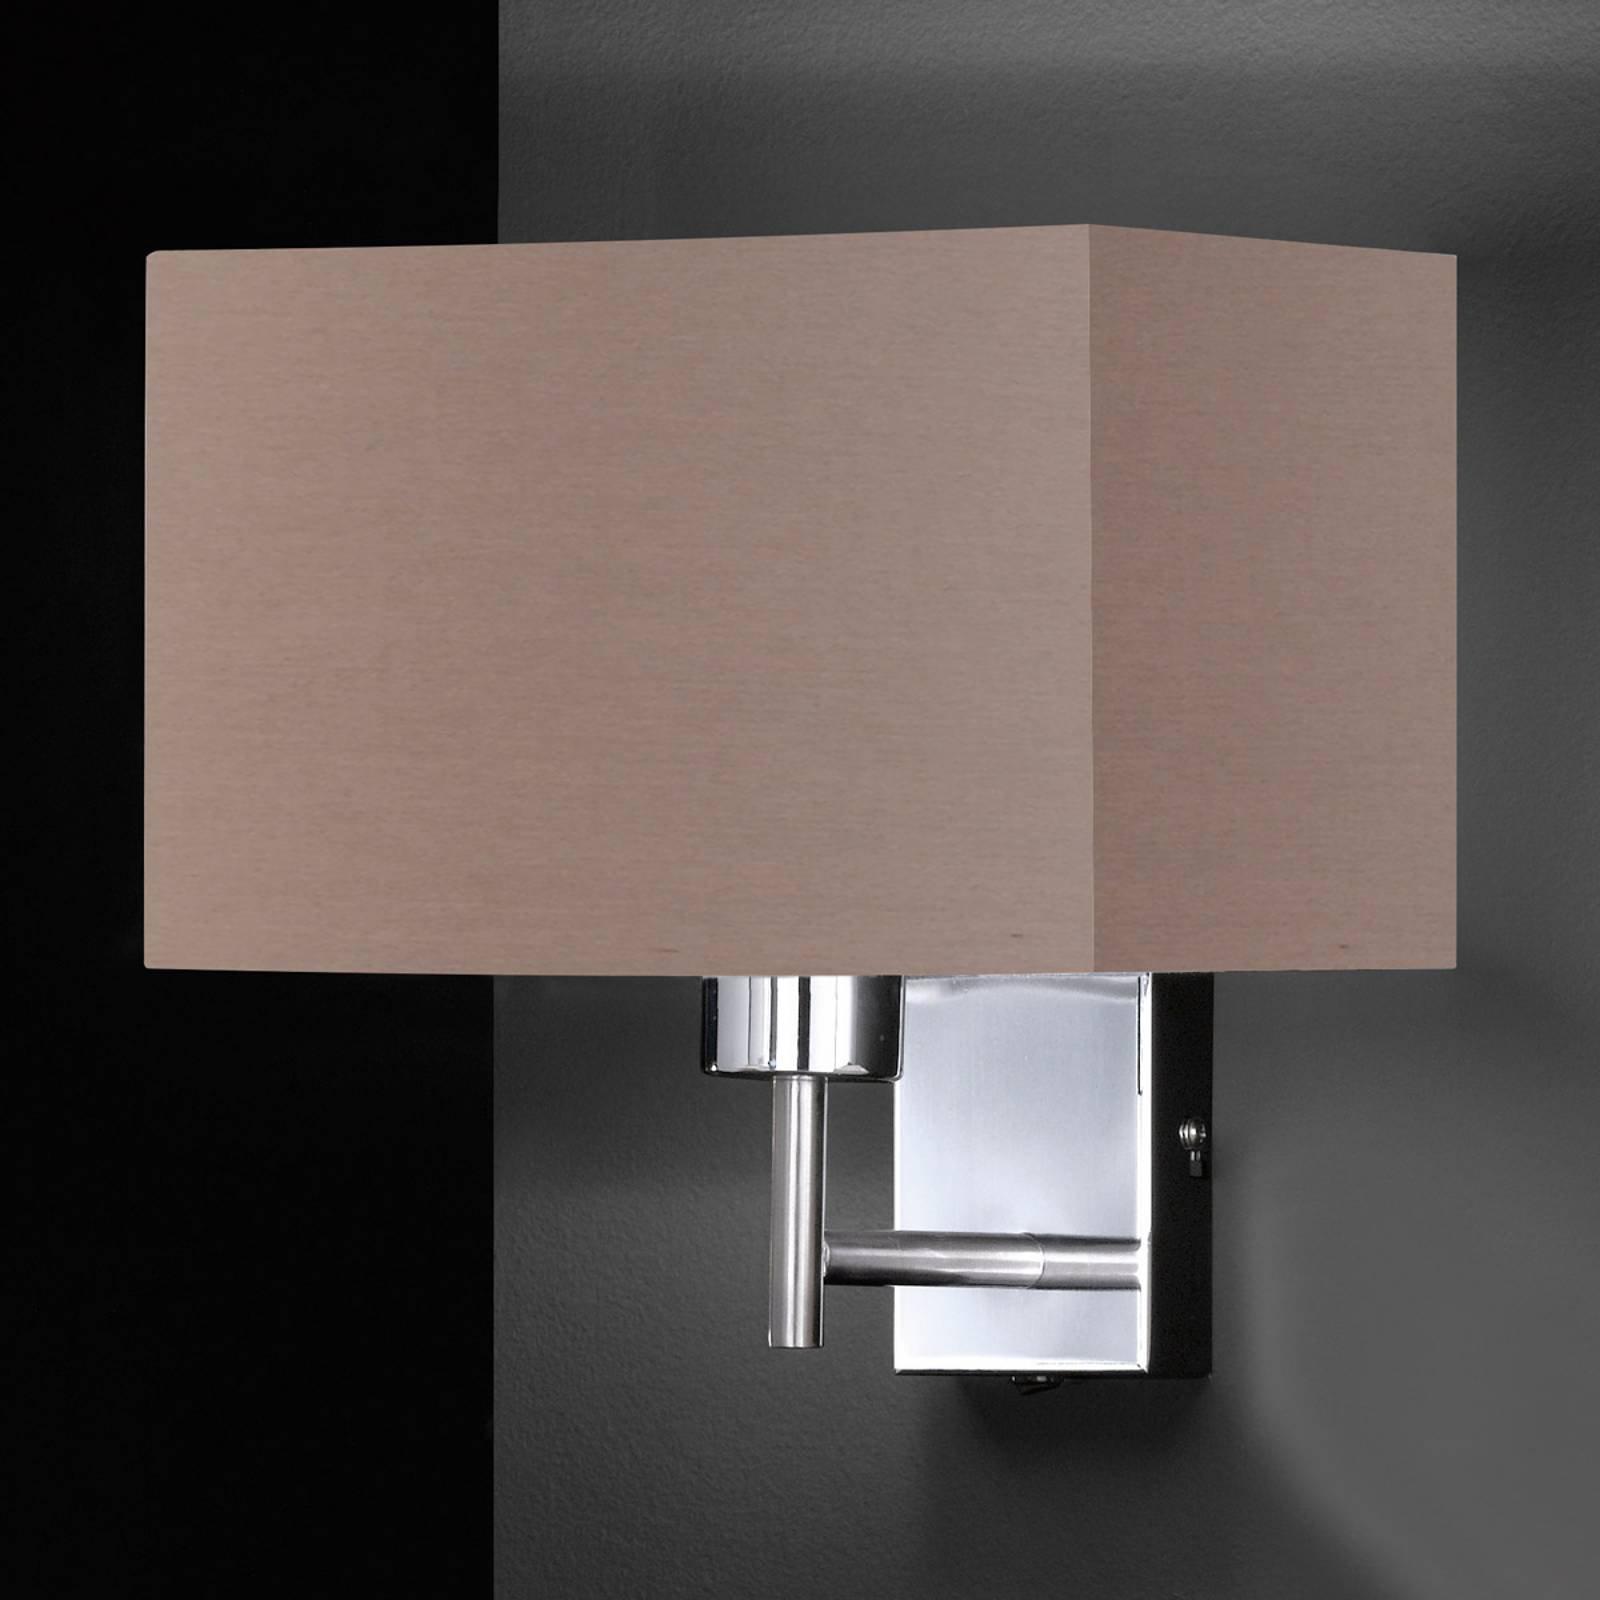 Kempten - et moderne LED-taklampe